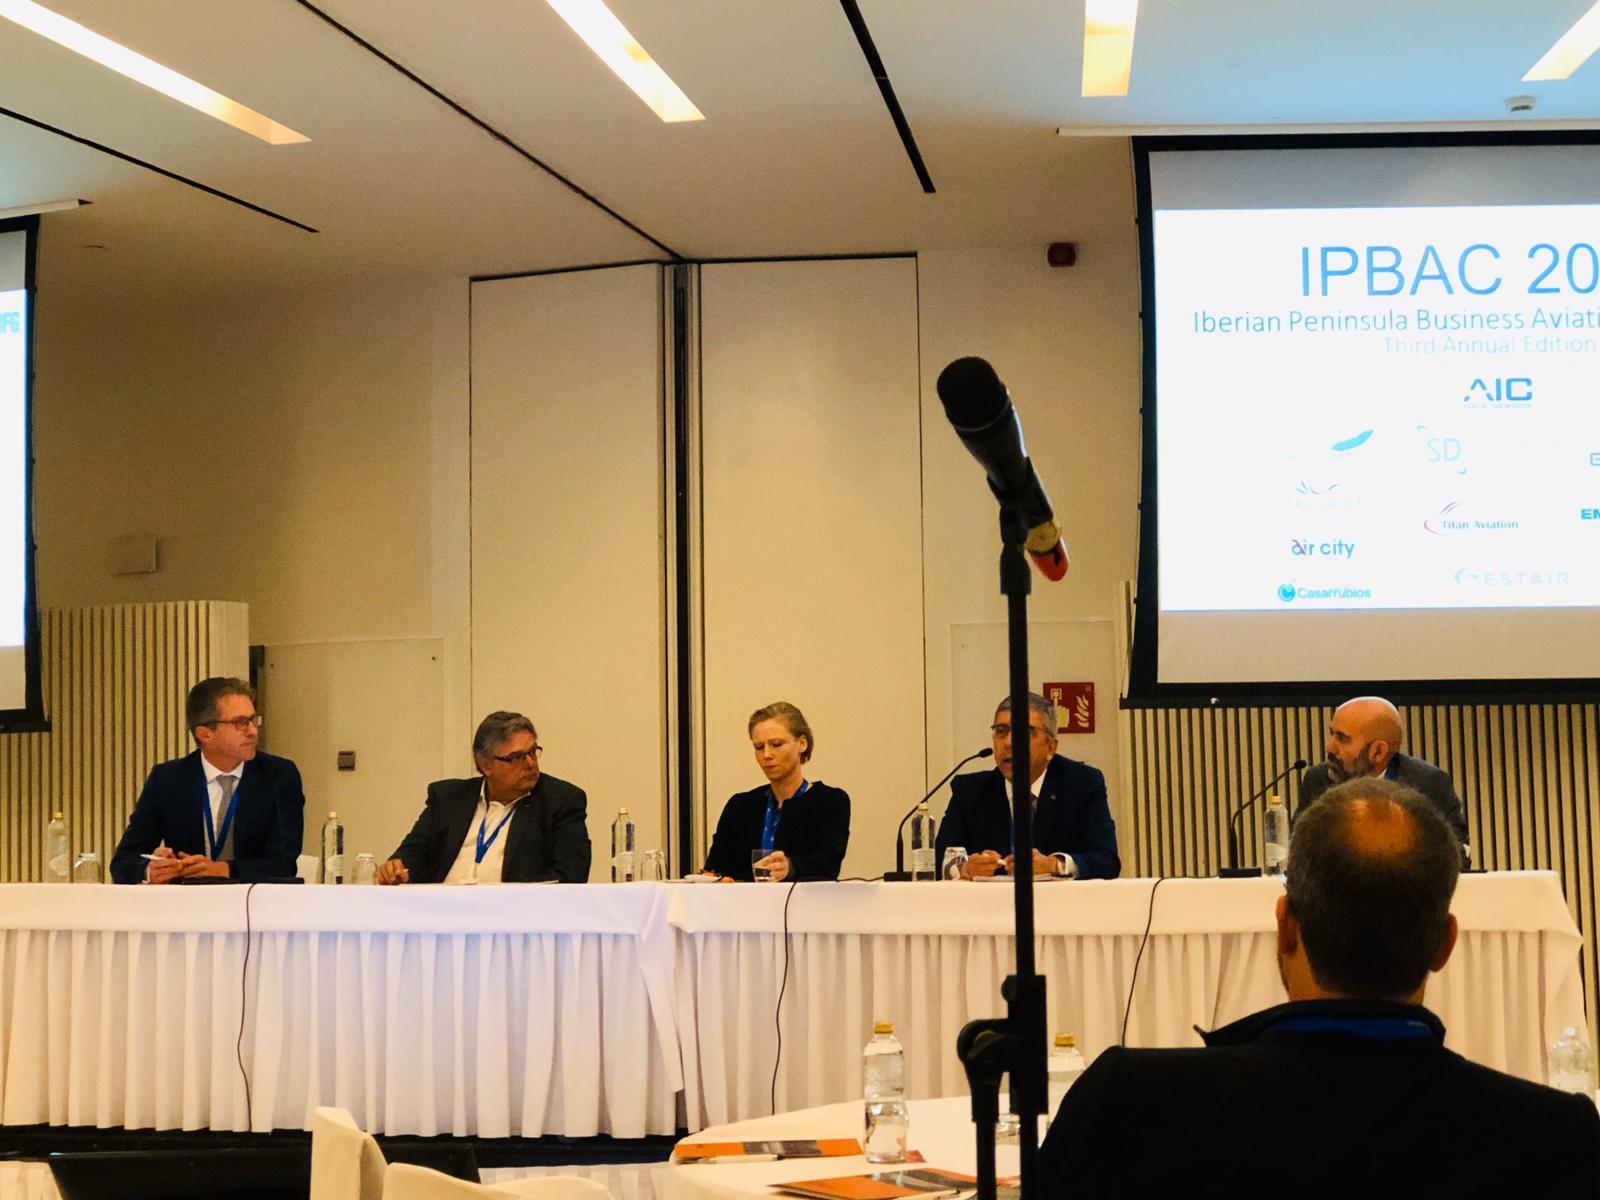 Cofrance Sarl принимает участие в Конференции по деловой авиации на Иберийском  полуострове (IPBAC)